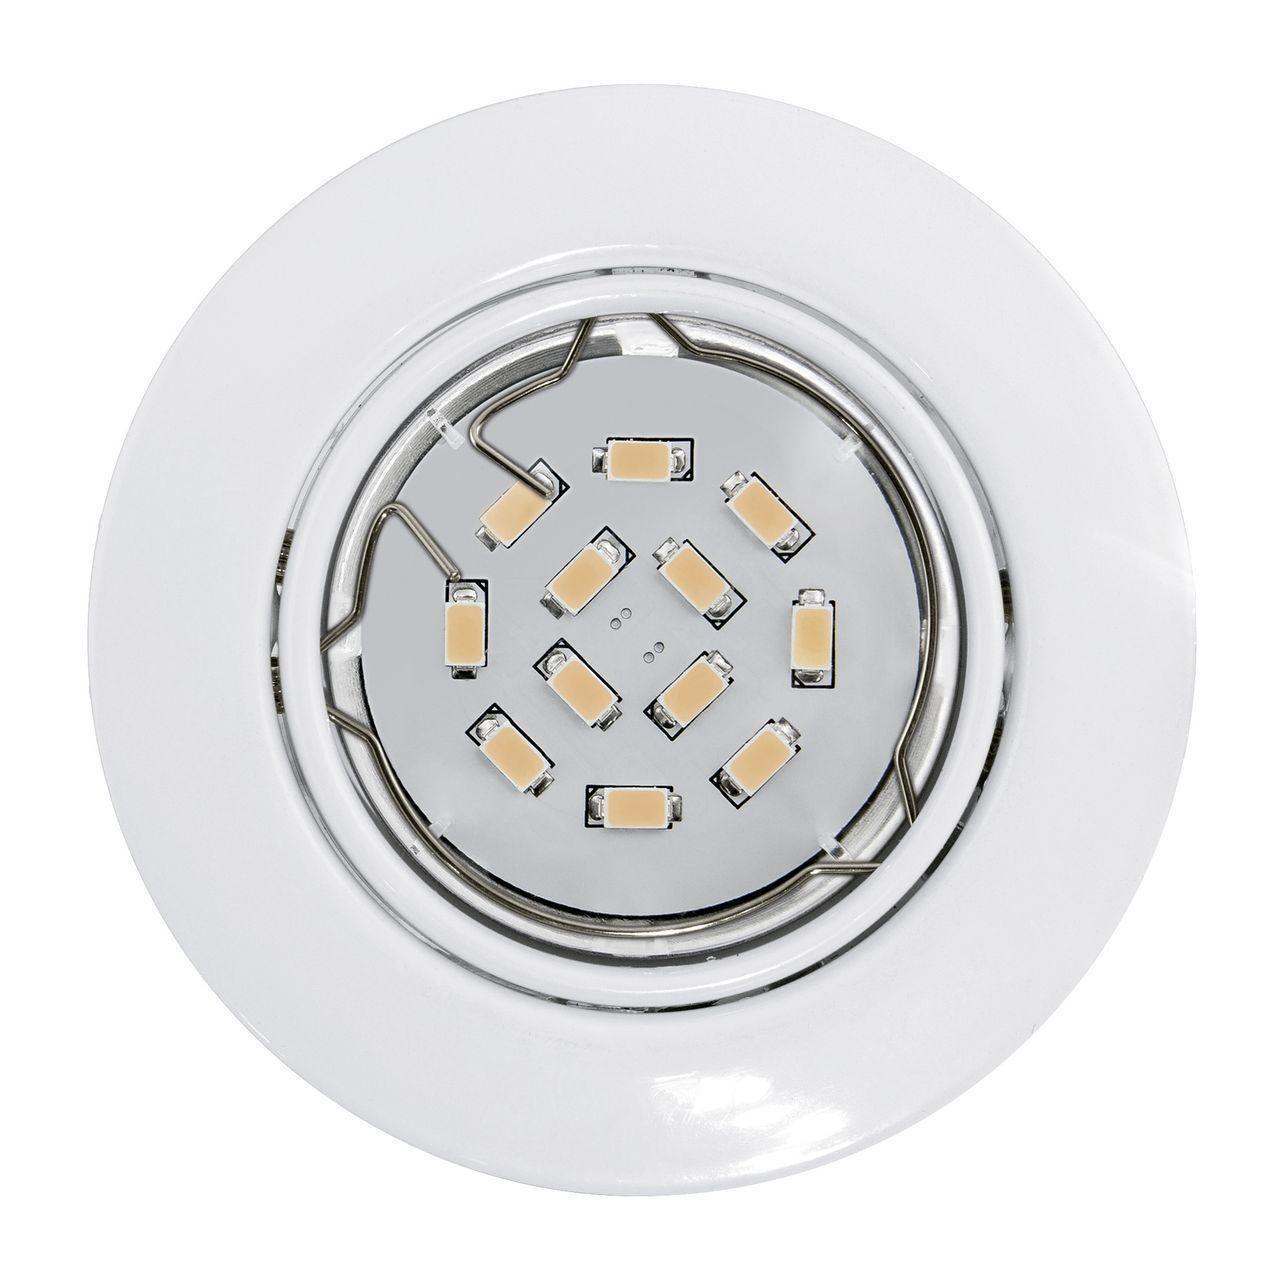 все цены на Встраиваемый светильник Eglo 94239, GU10, 5 Вт онлайн